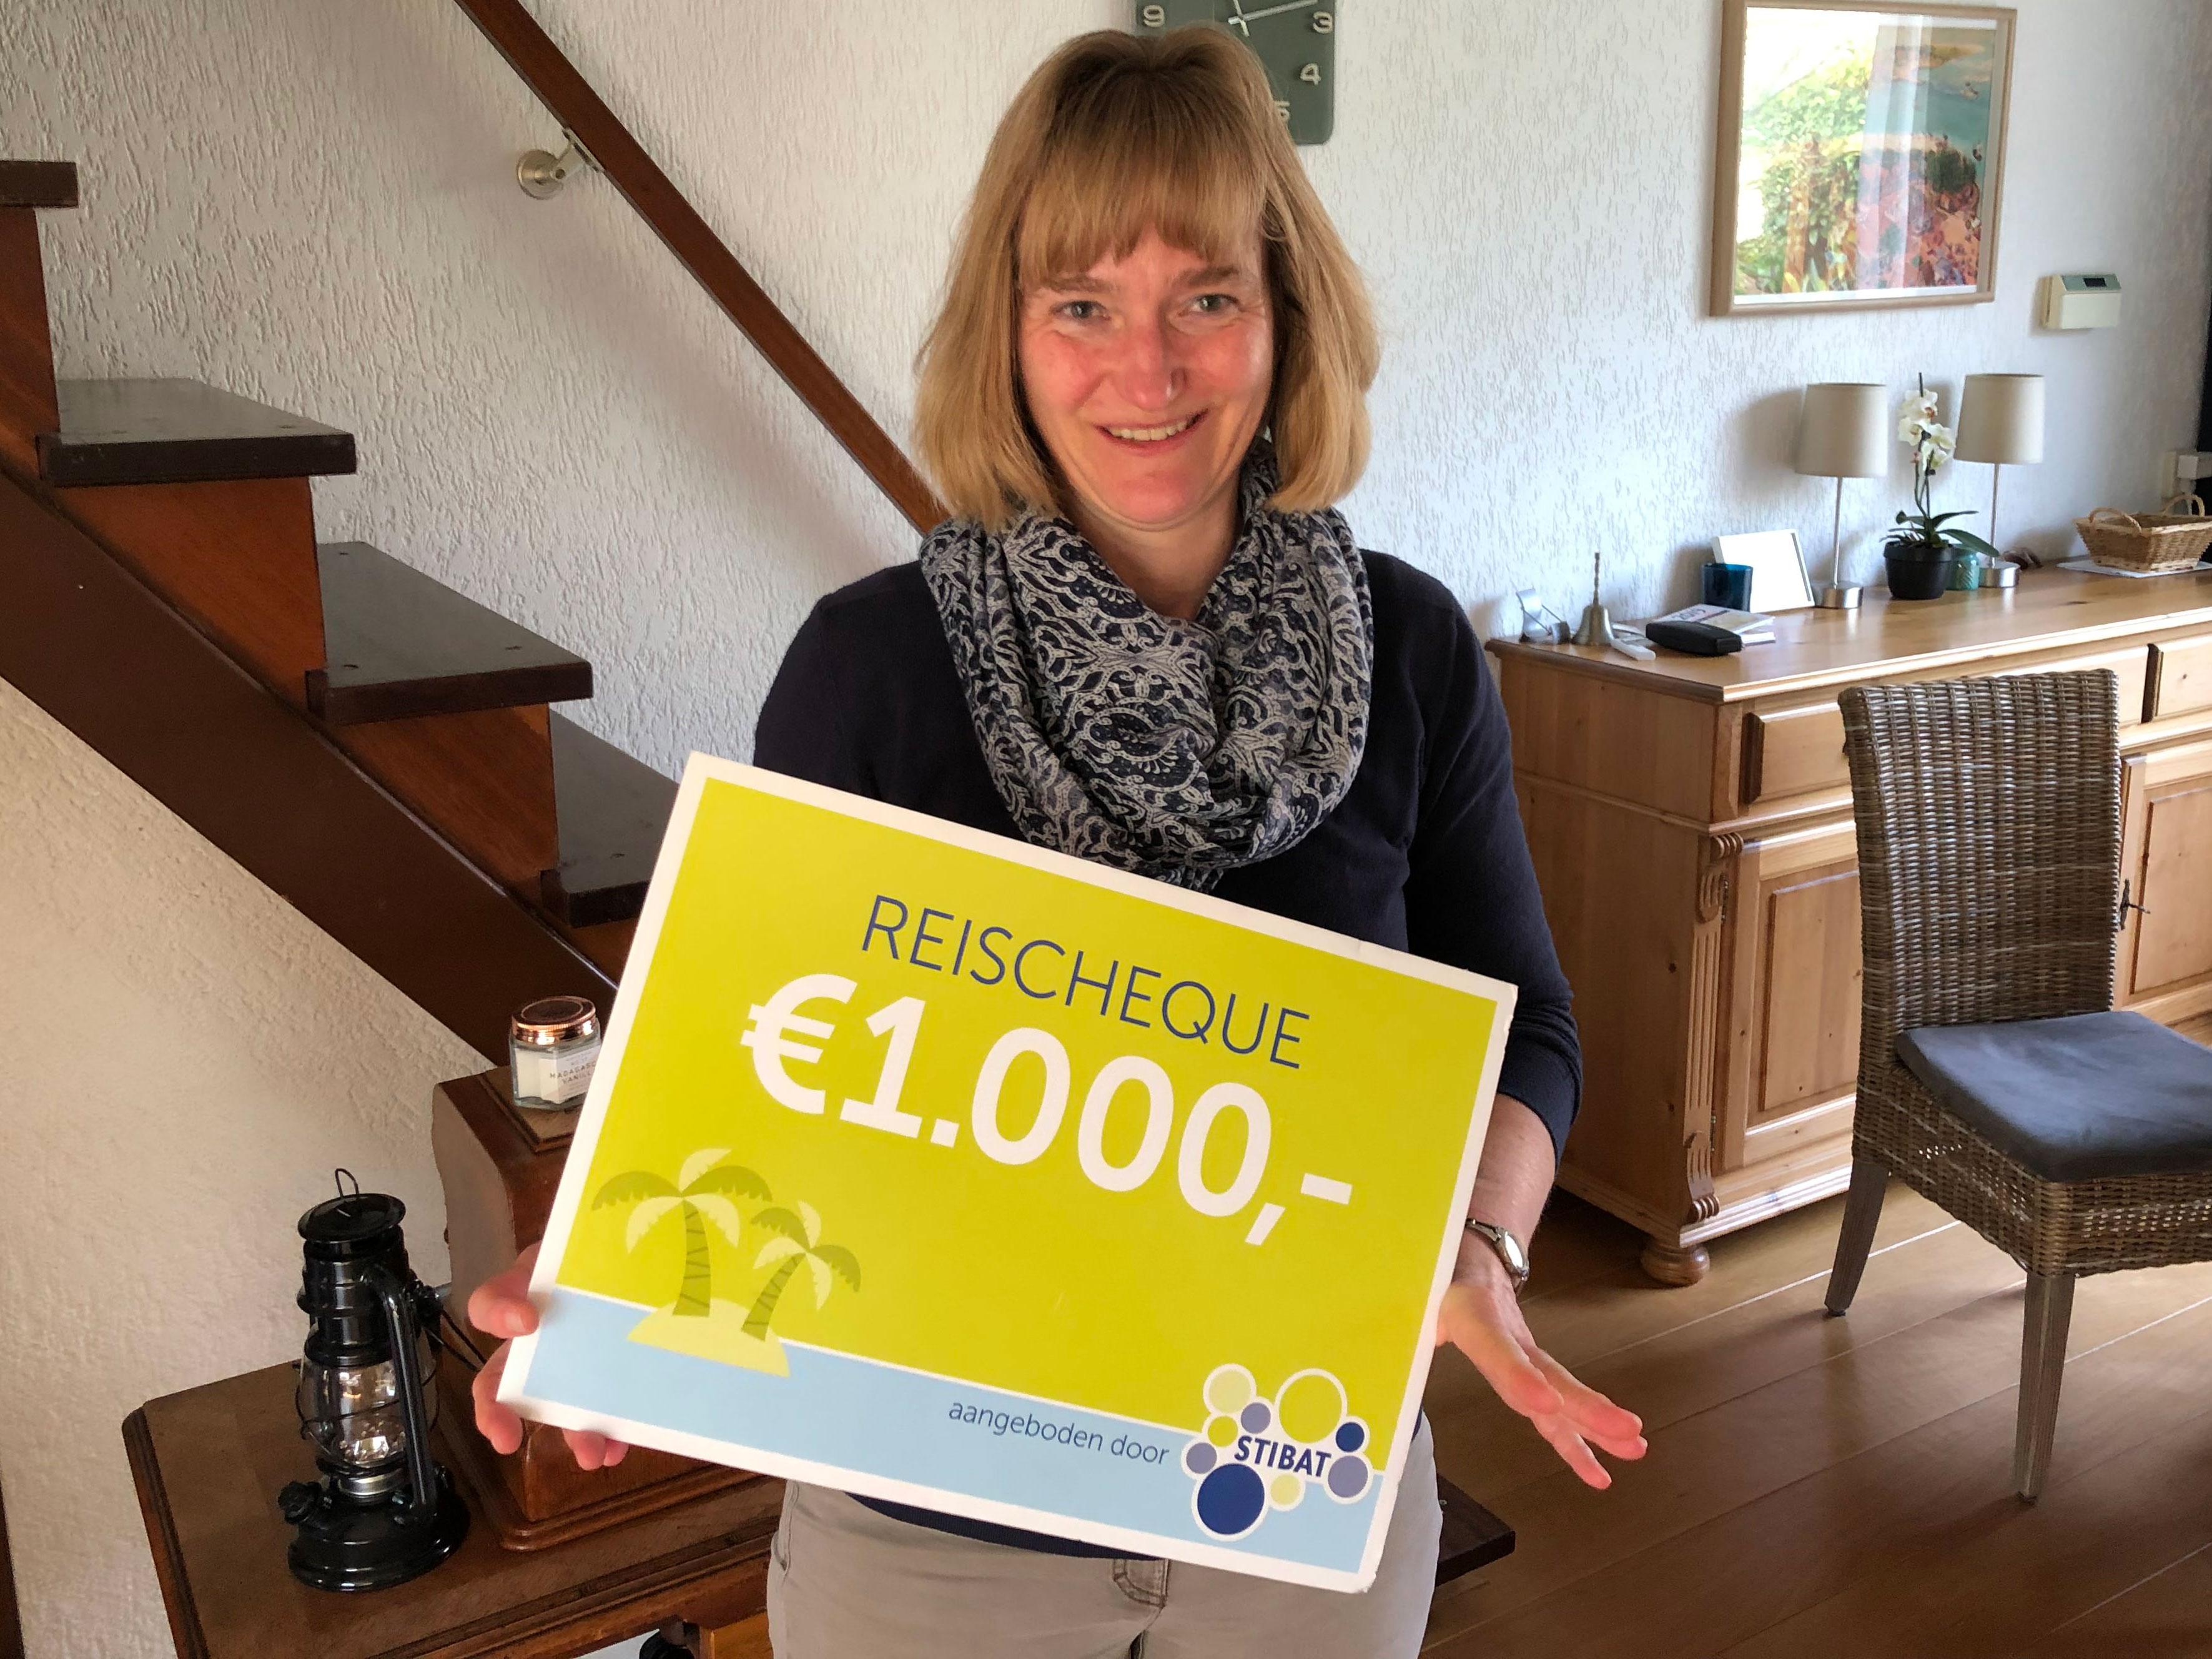 Astrid Van Dijk Uit Hoogvliet Wint Reischeque Met Inleveren Lege